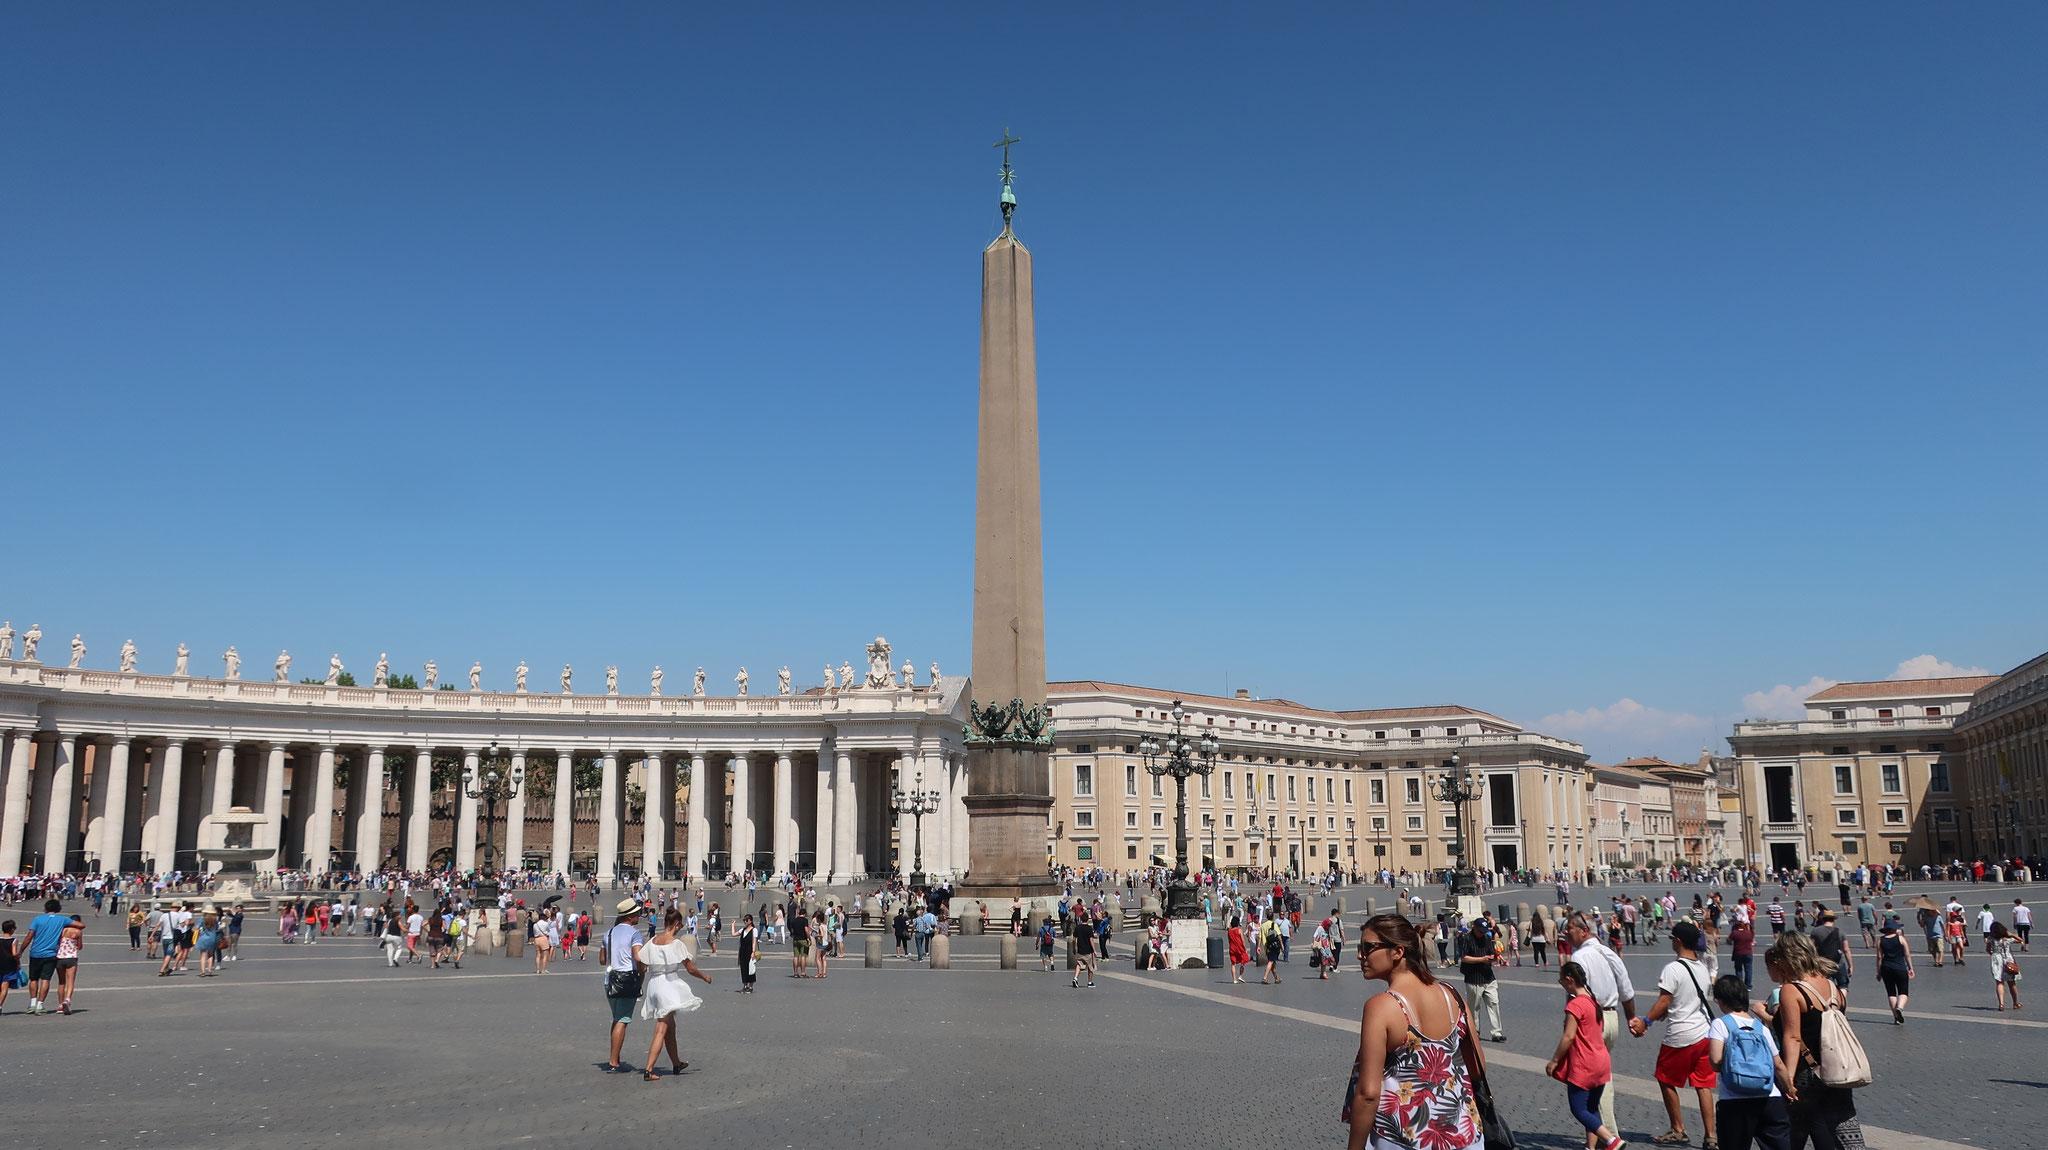 サン・ピエトロ広場。284本のドーリス式円柱に囲まれます。中央のオベリスクはエジプトのへリオポリスから、皇帝カリグラが1世紀にローマに運ばせました。